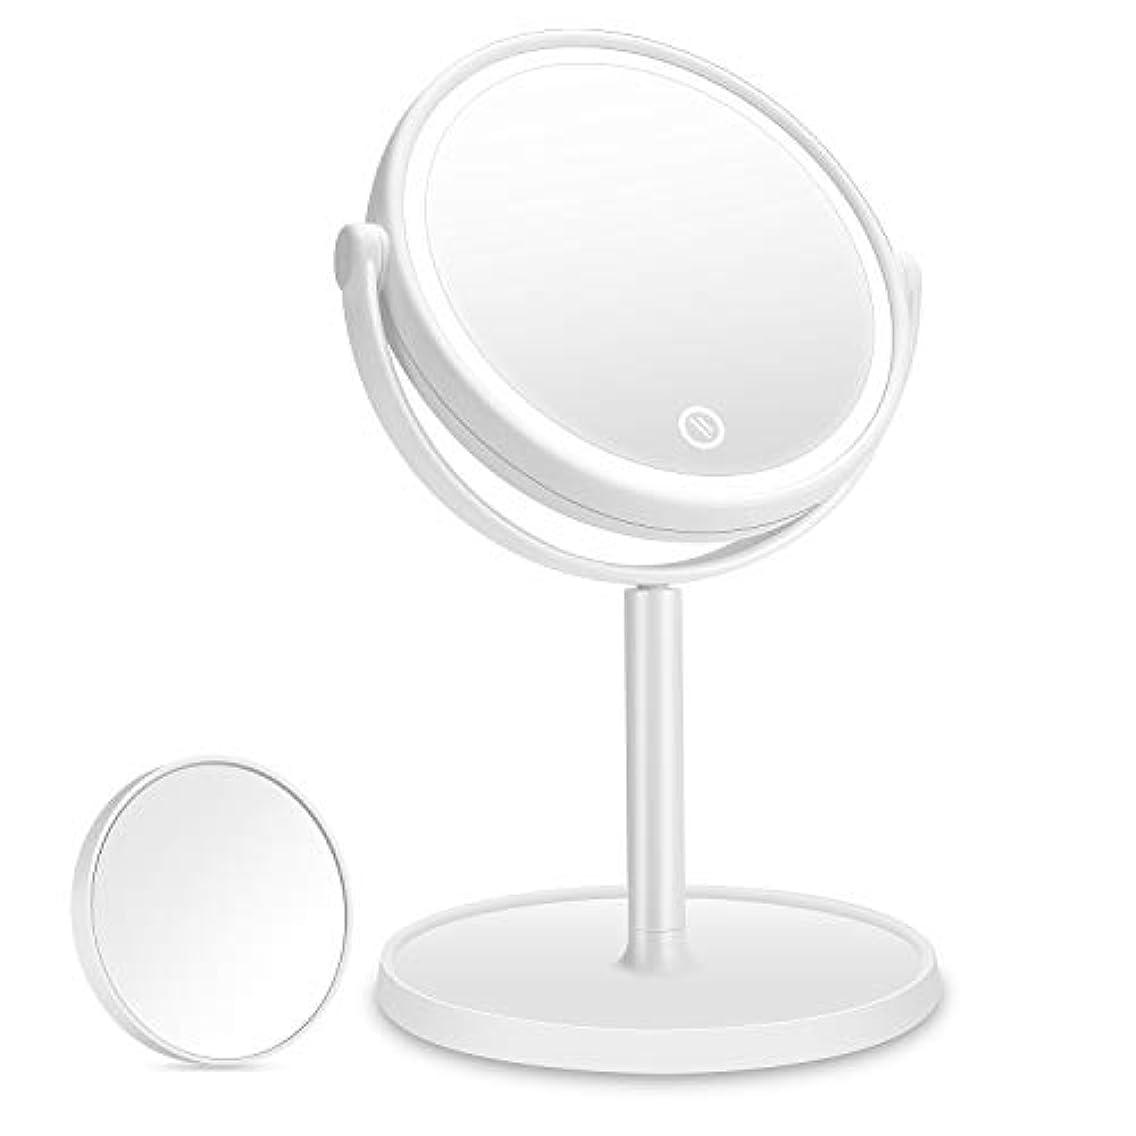 ありがたい月面信頼性化粧鏡 Aidbucks LED 拡大鏡 5倍 卓上鏡 メイク 女優 スタンドミラー LEDライト付き 明るさ調節可 充電式 360度回転 収納 自然光 柔らかい光 折りたたみ式 USB/乾電池給電 ホワイト